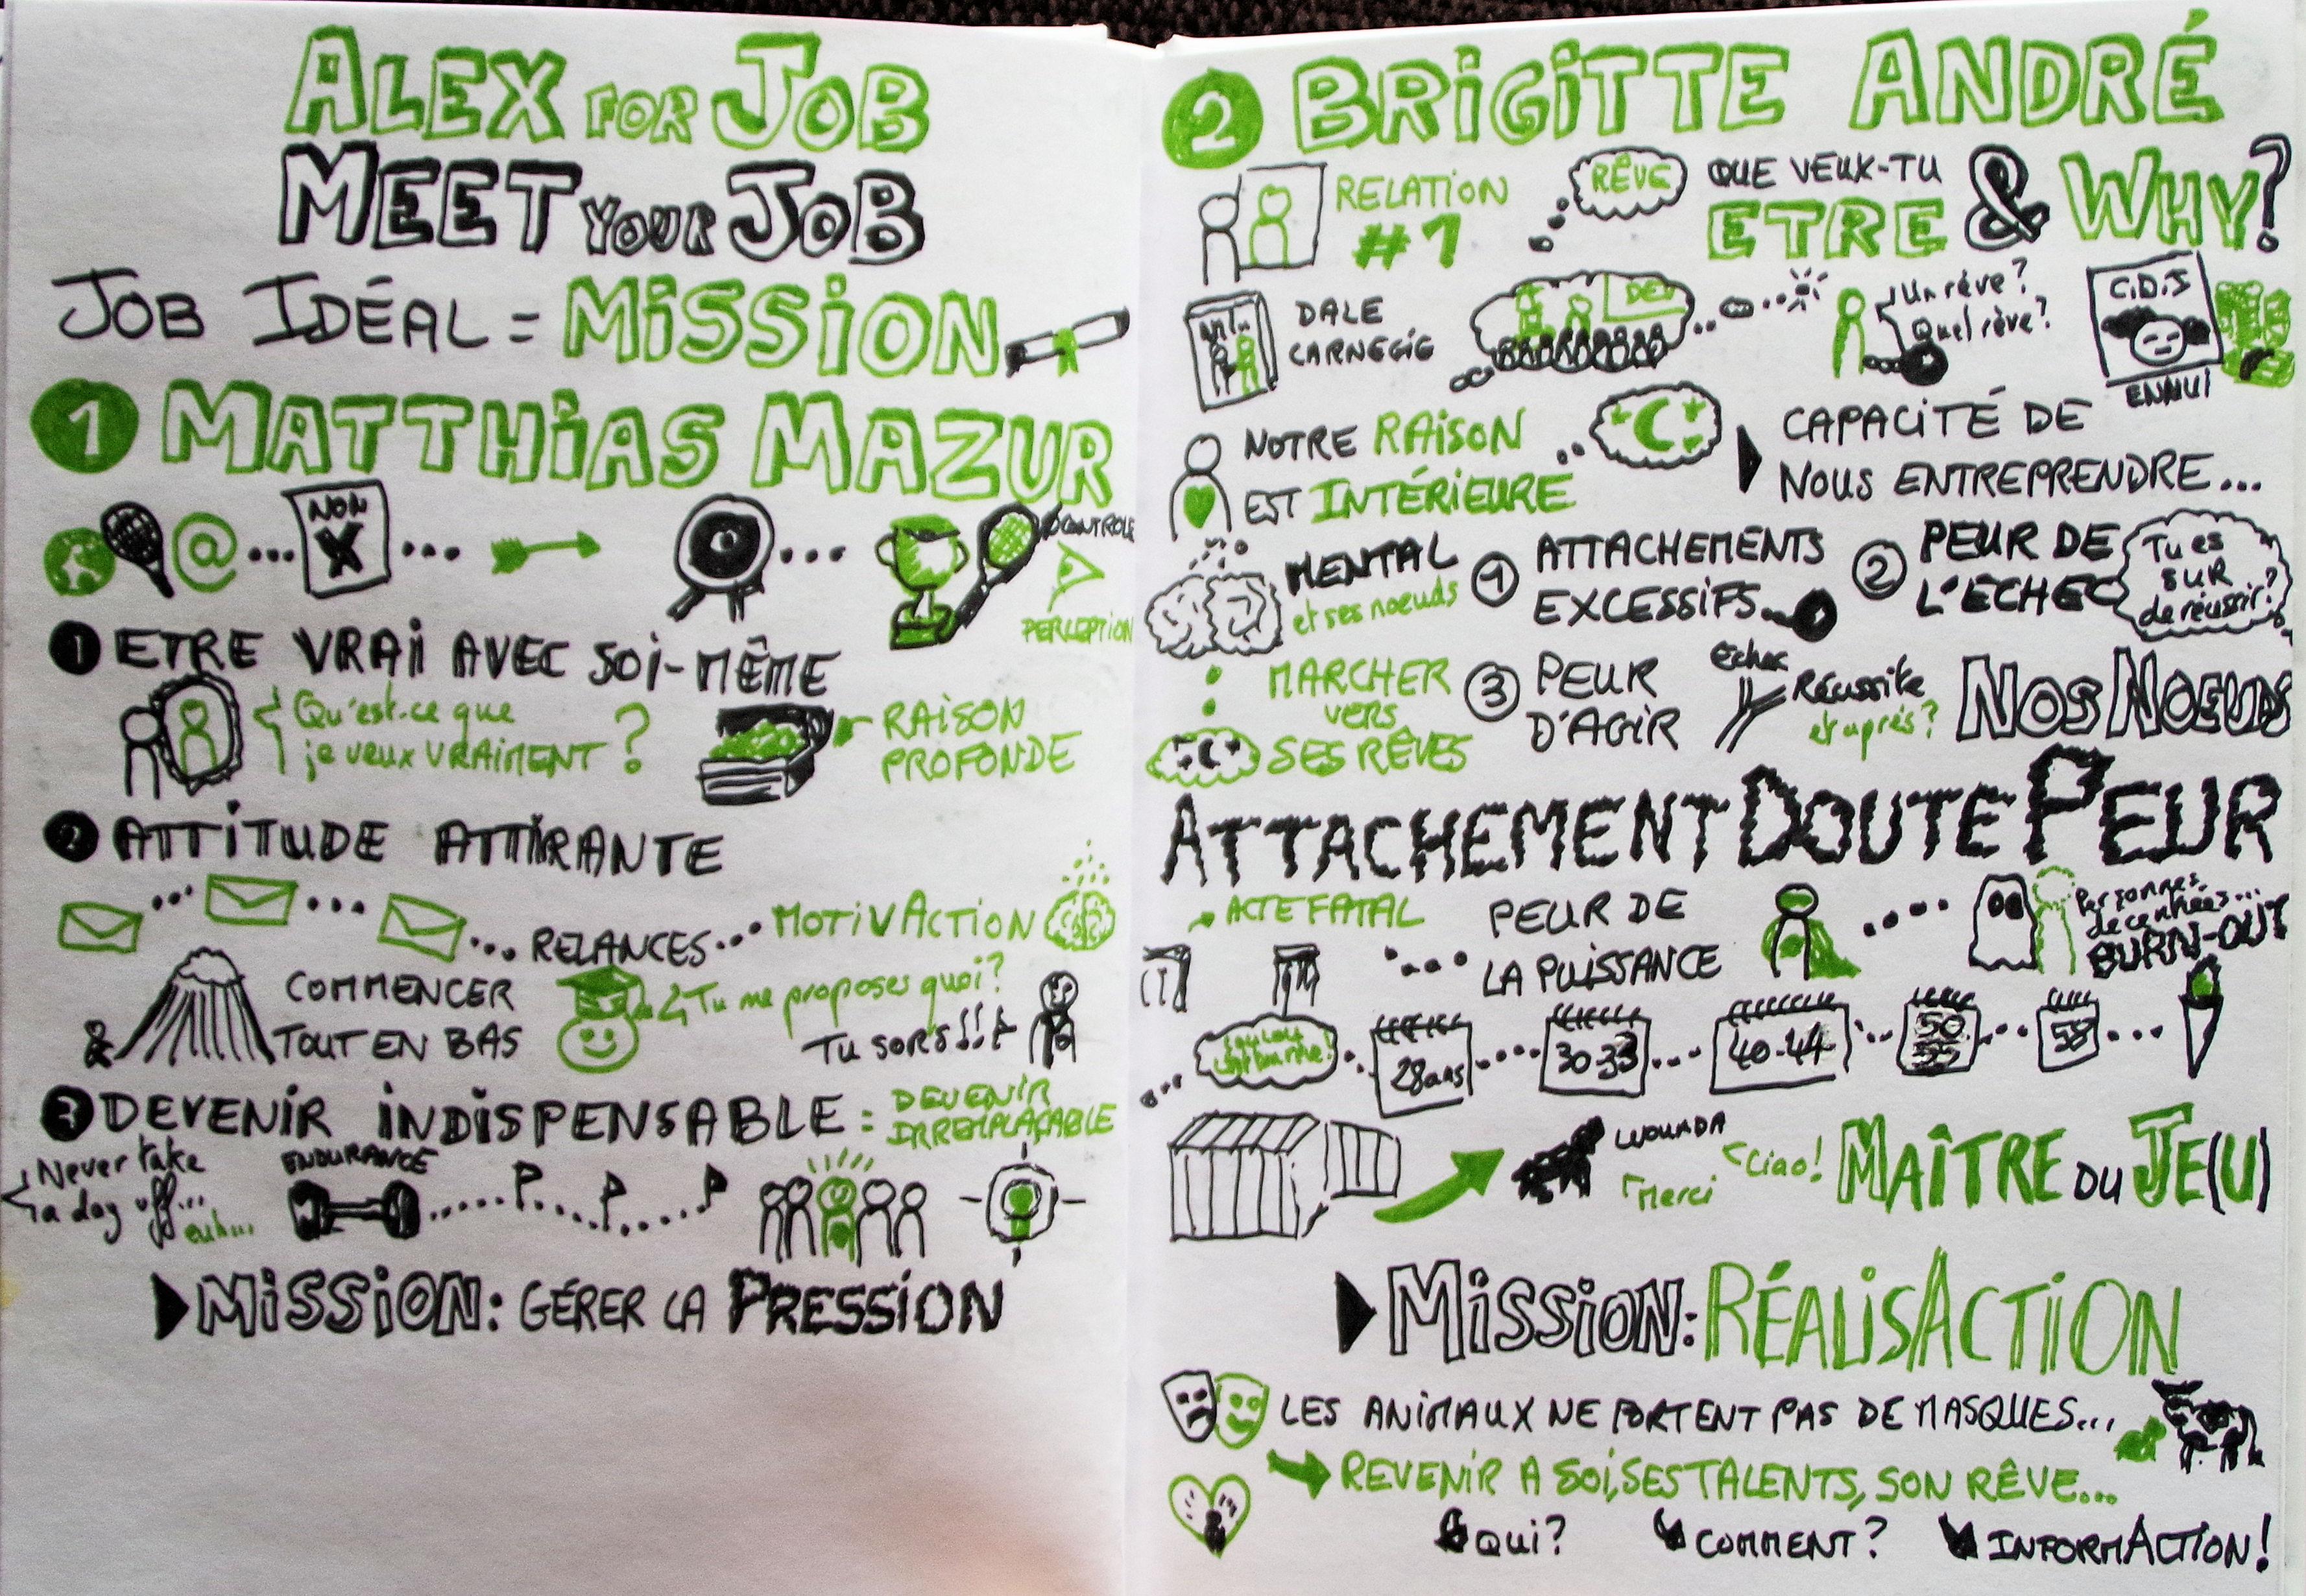 MEET YOUR JOB #1 par Alexandra Vassilacos avec Mathias Mazur et Brigitte André